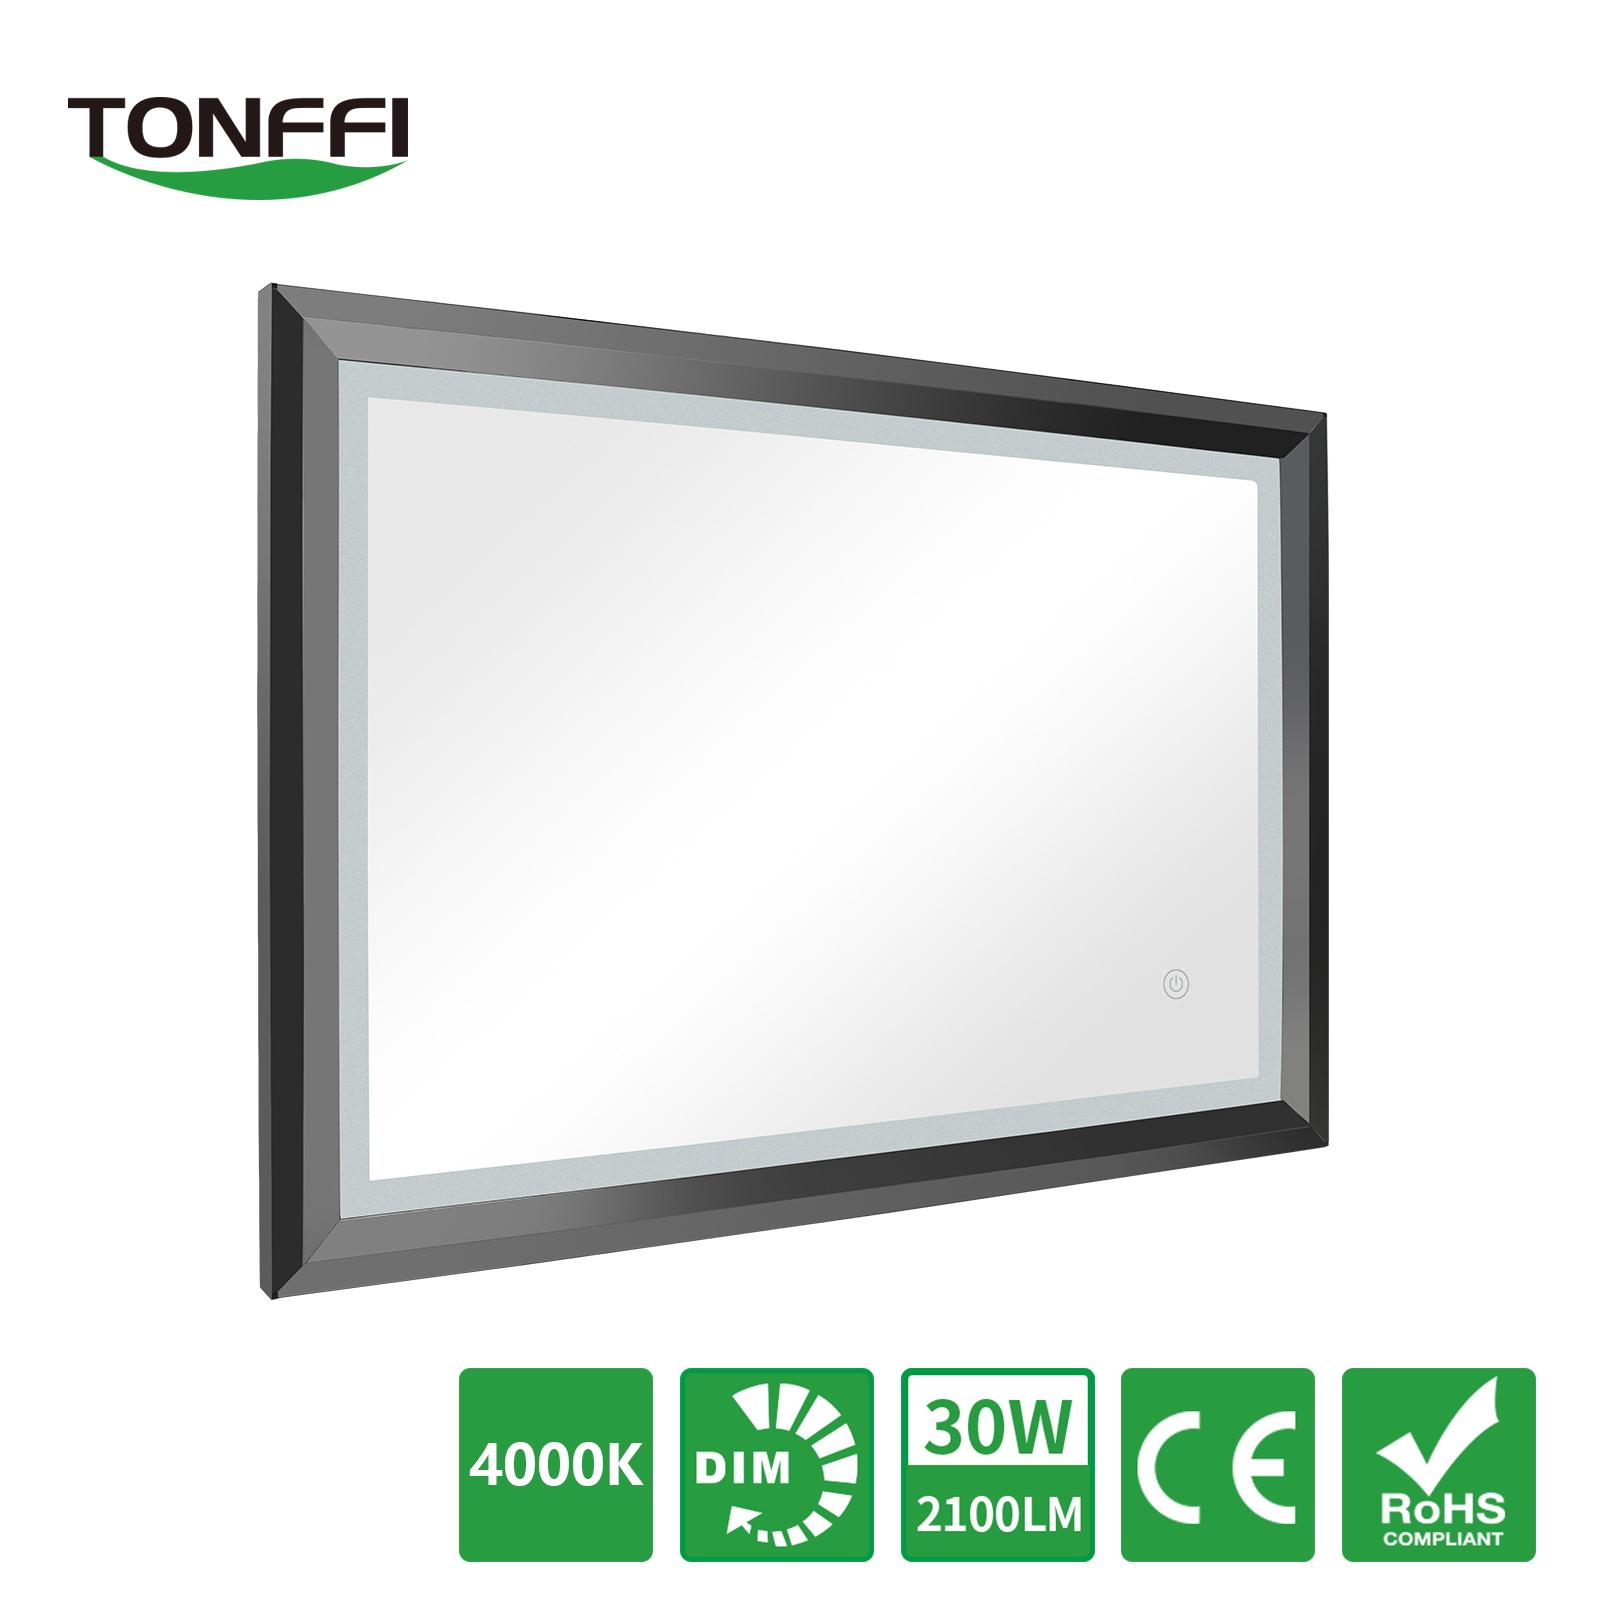 100cm 60cm badspiegel spiegel mit led beleuchtung rahmen wandspiegel 30w 2100lm ebay - Badspiegel mit rahmen ...